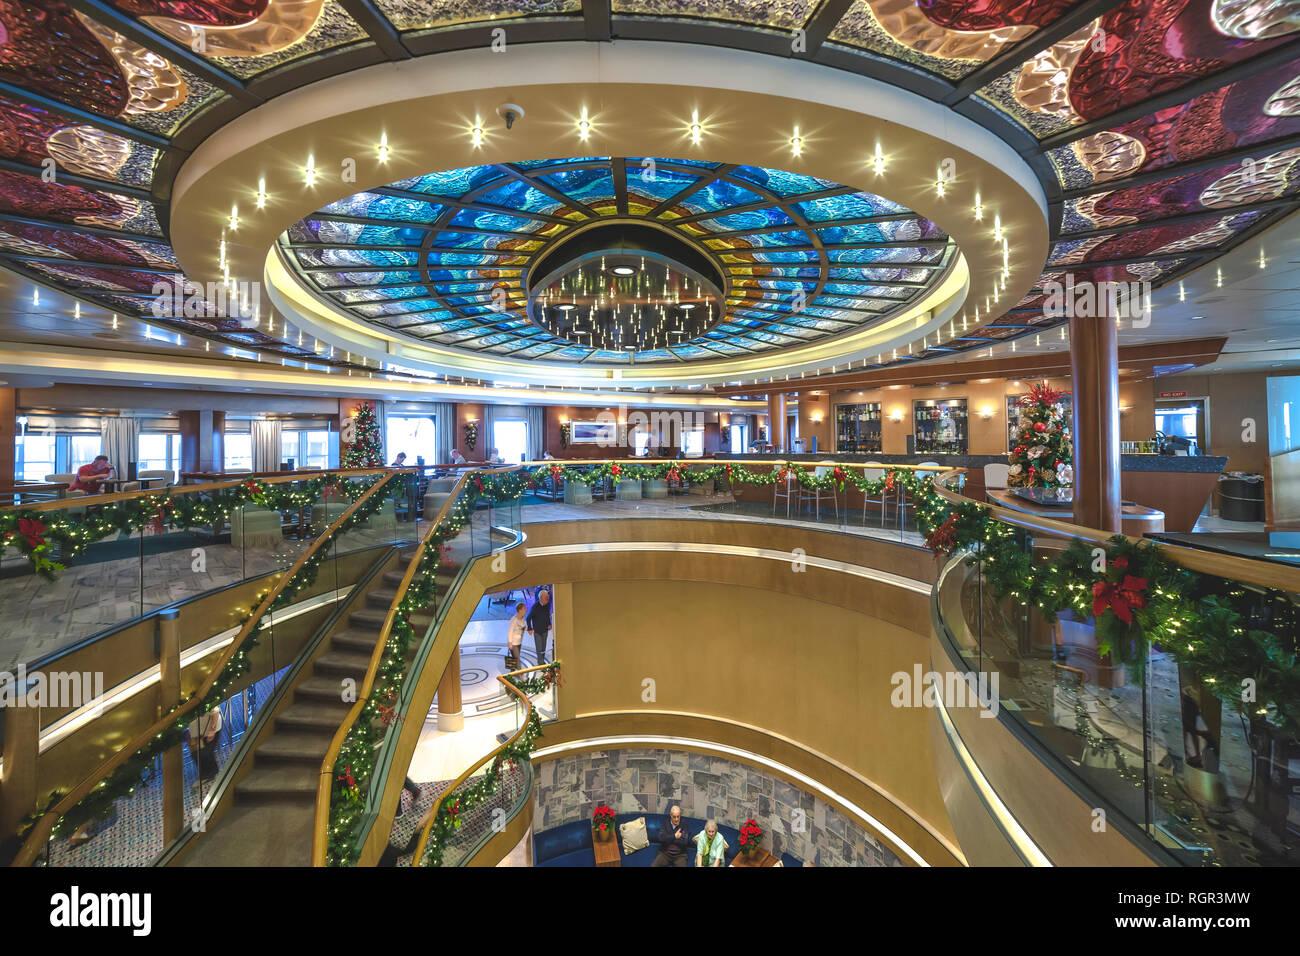 Interia von P&O Arcadia auf Seine Weihnachten und Neues Jahr Kreuzfahrt in die Karibik, eine 28 tägige Rundreise von Southampton. Stockfoto